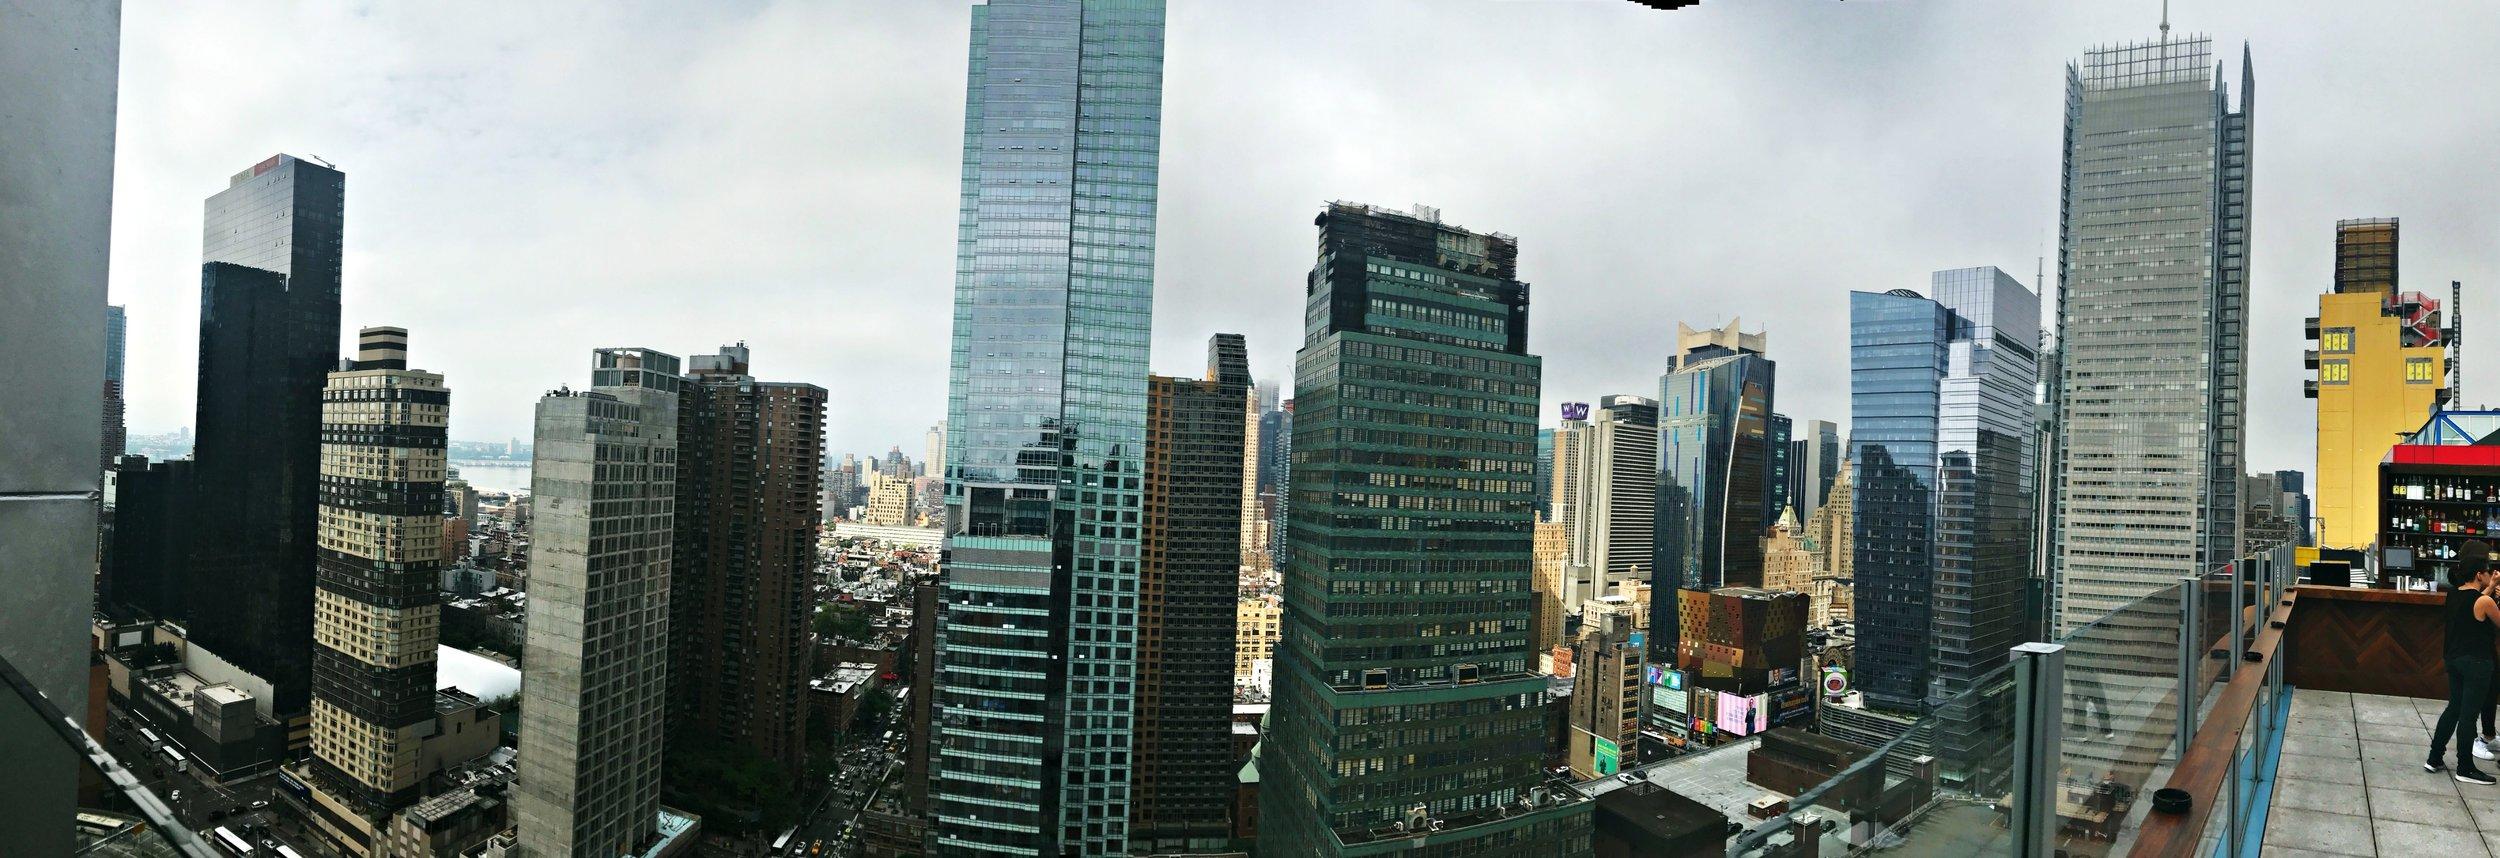 panorama-new-york-city-skyline